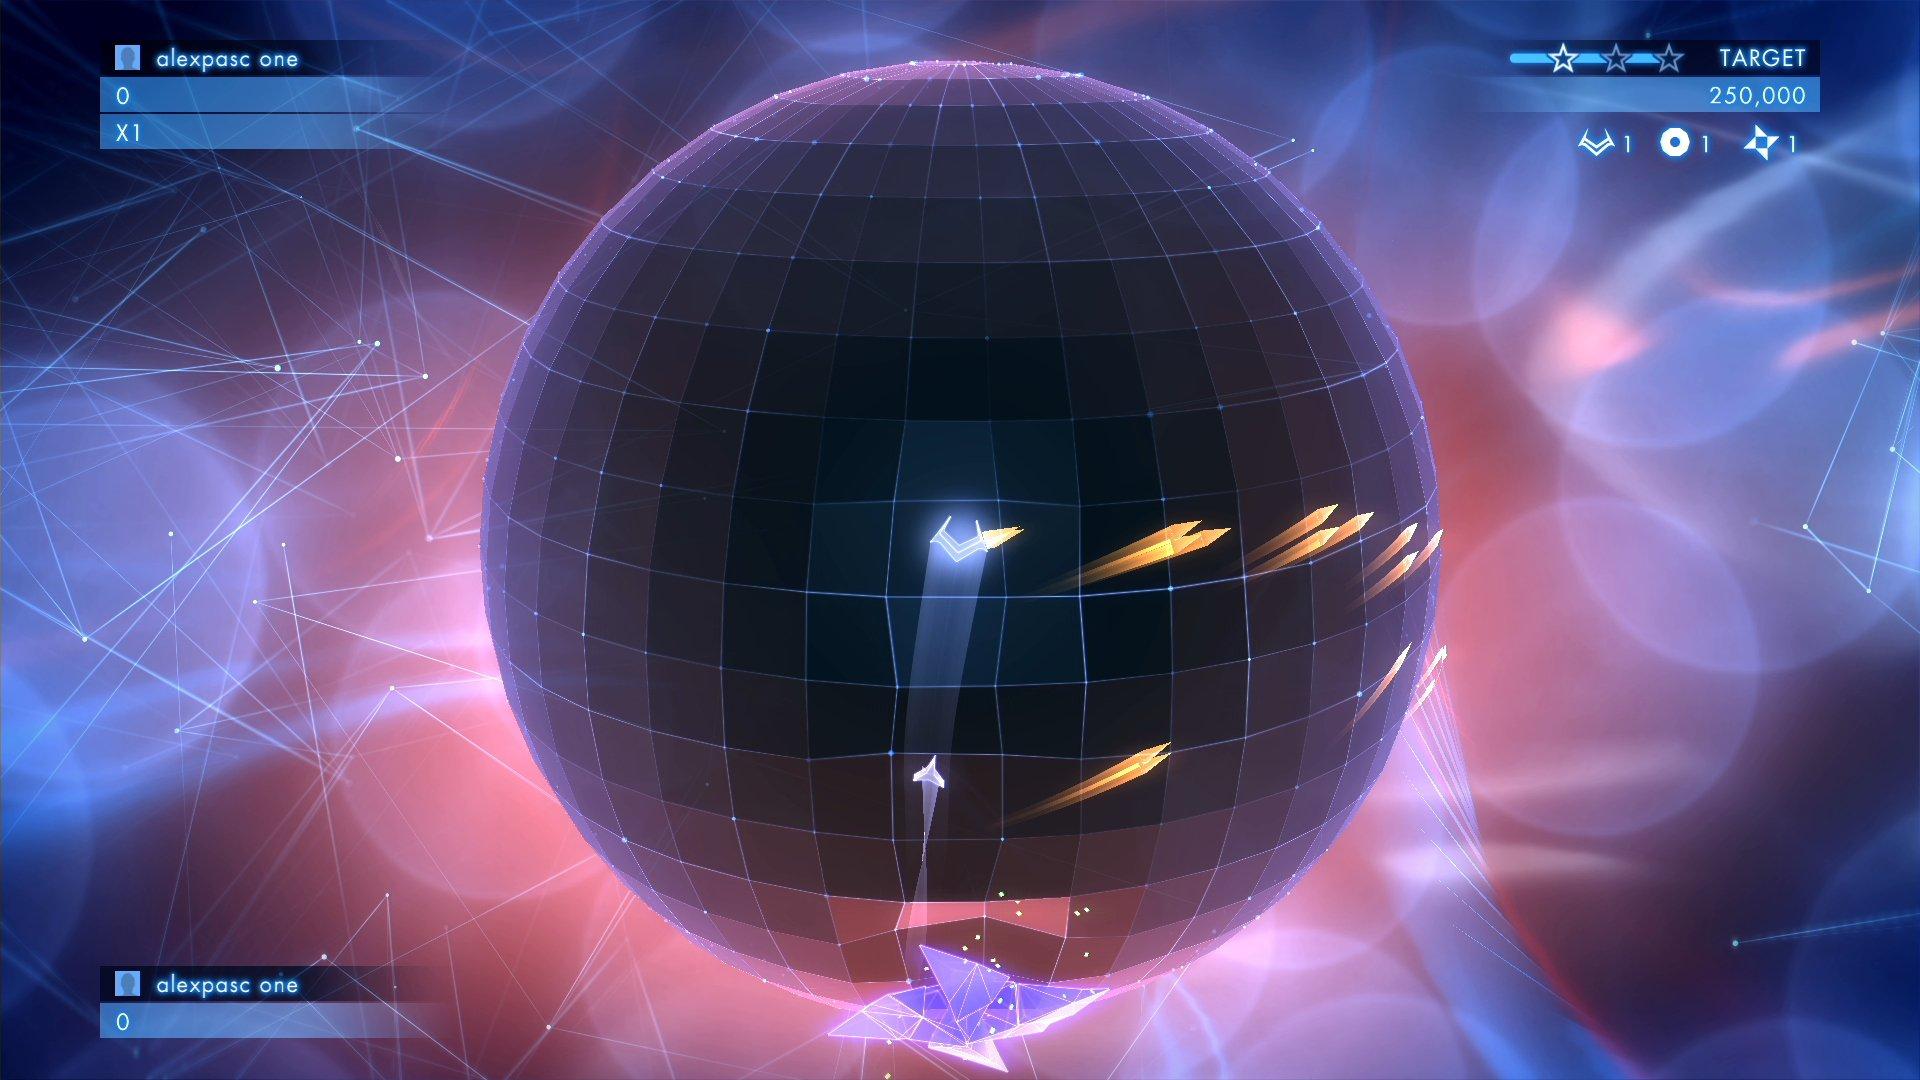 geometry_wars_3_dimensions-2665025.jpg